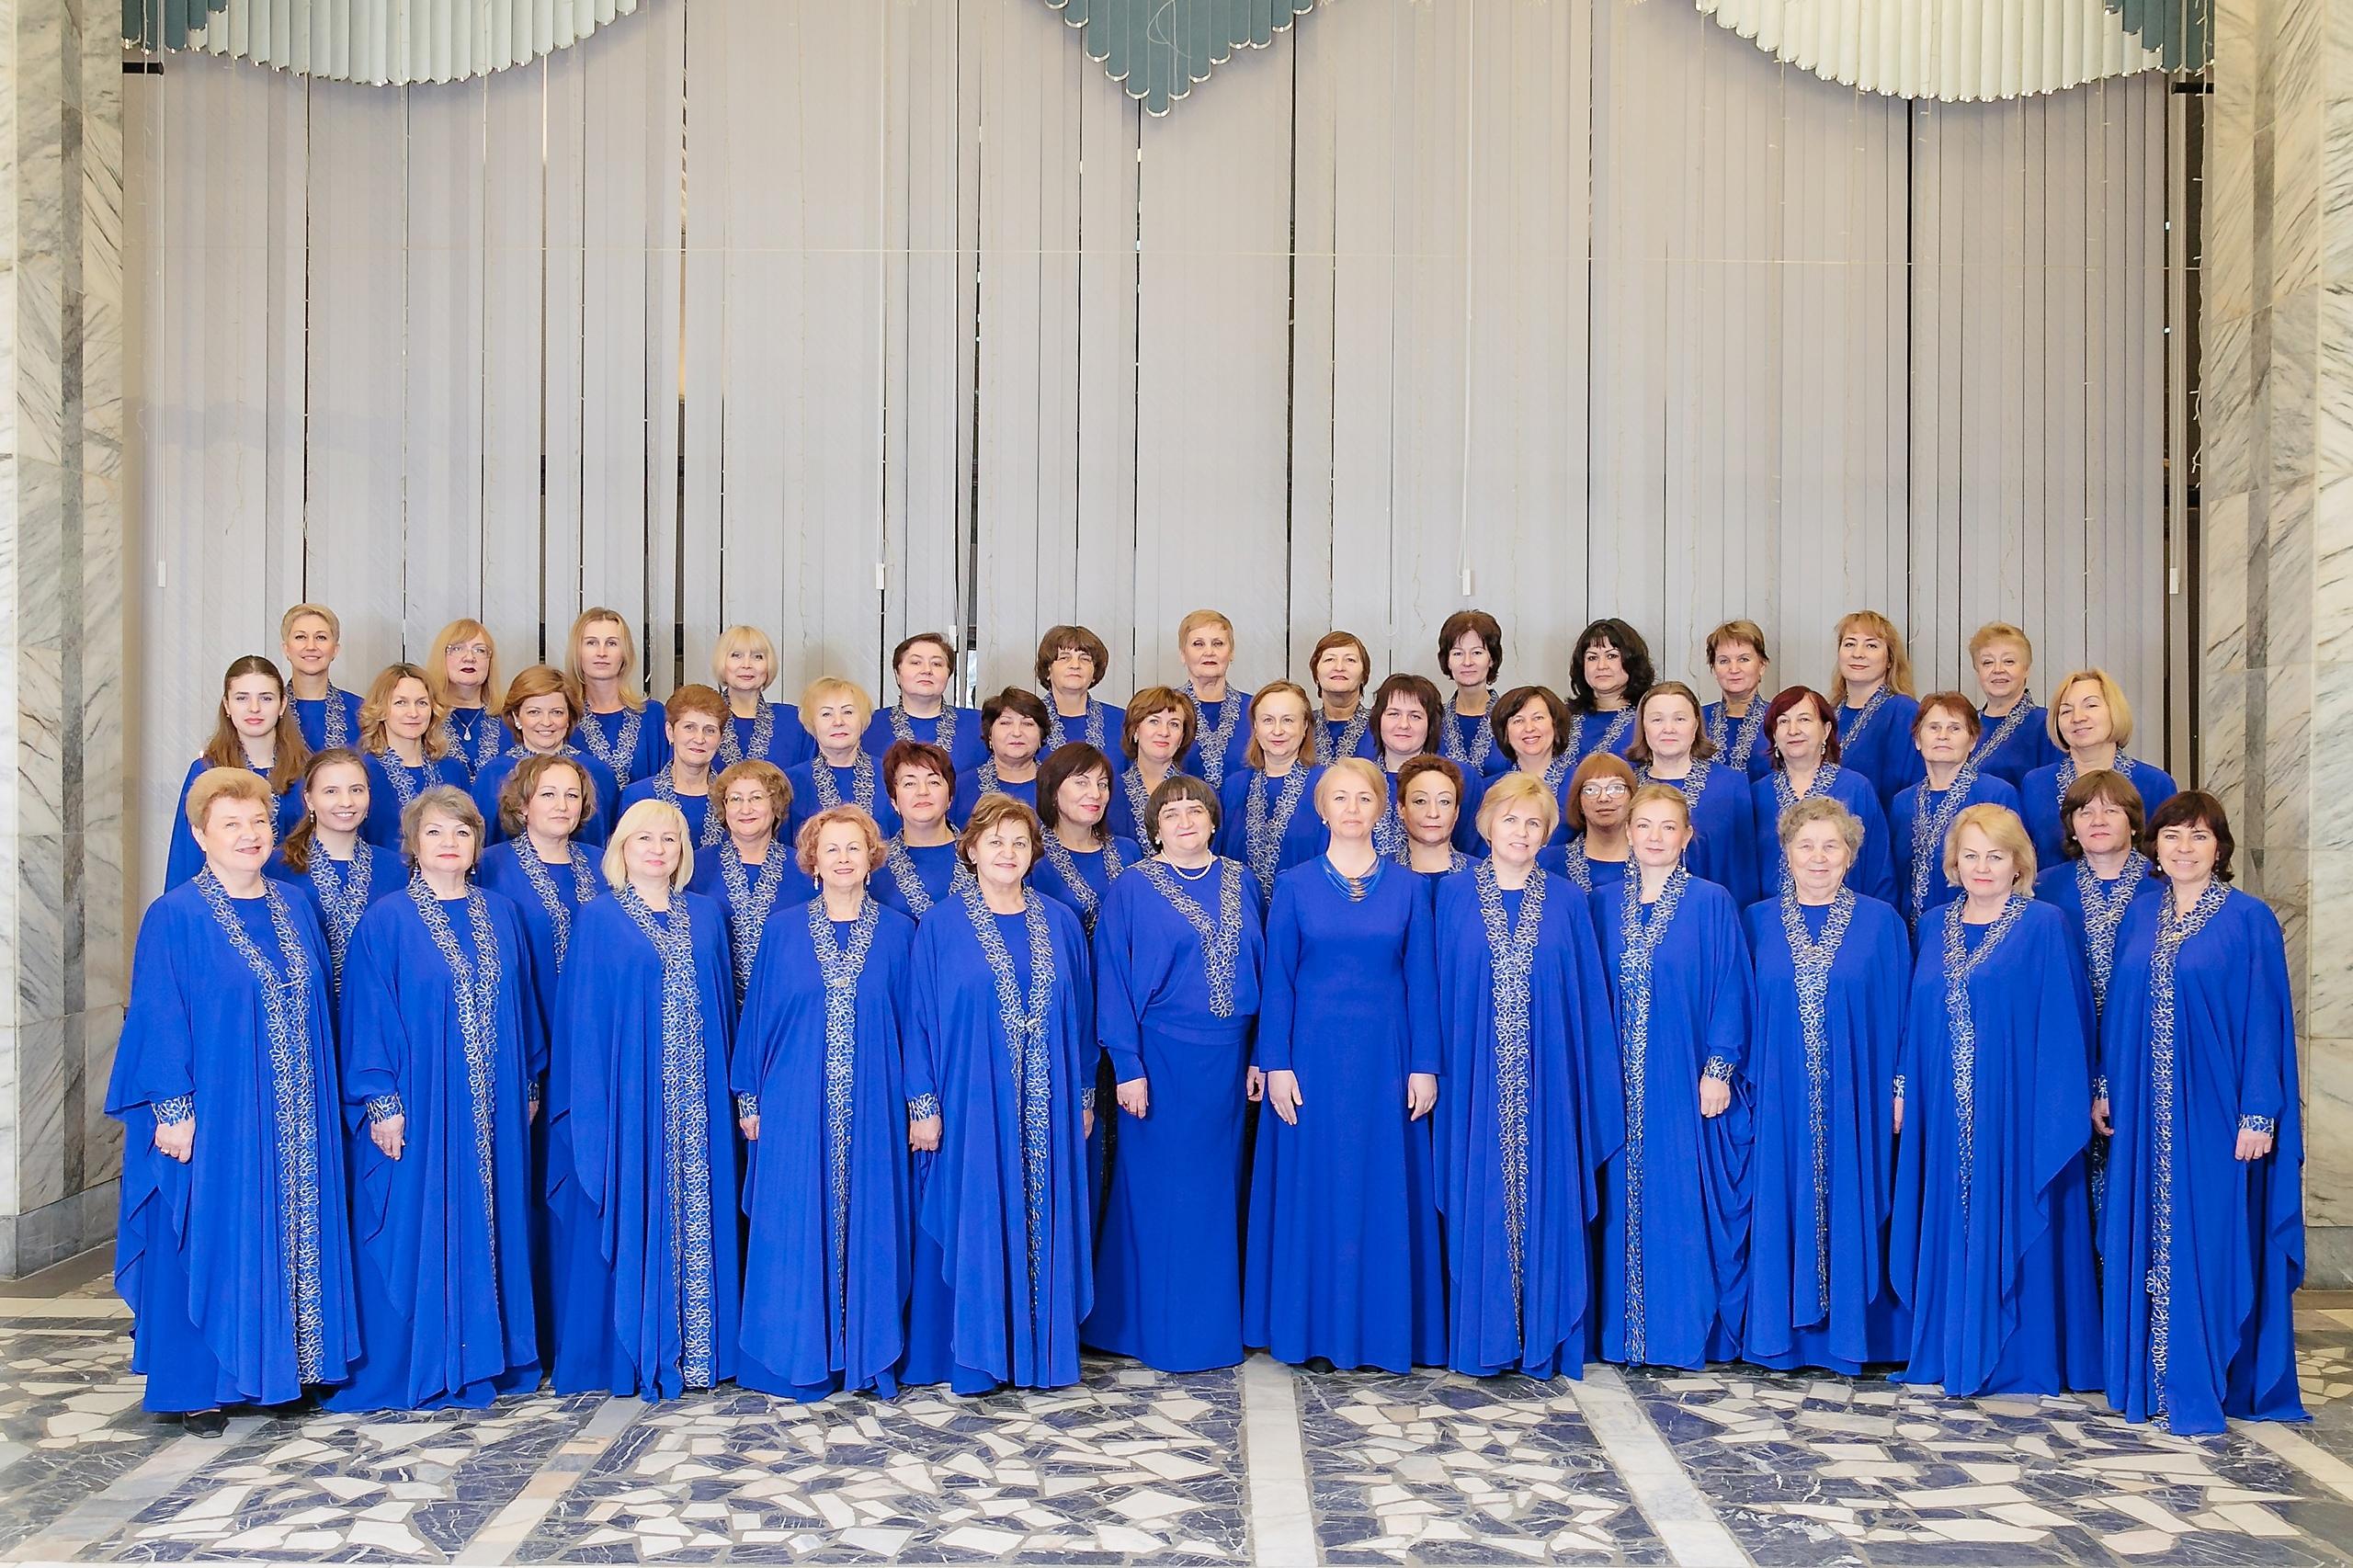 Праздничный концерт, посвященный 800-летию со дня рождения Александра Невского